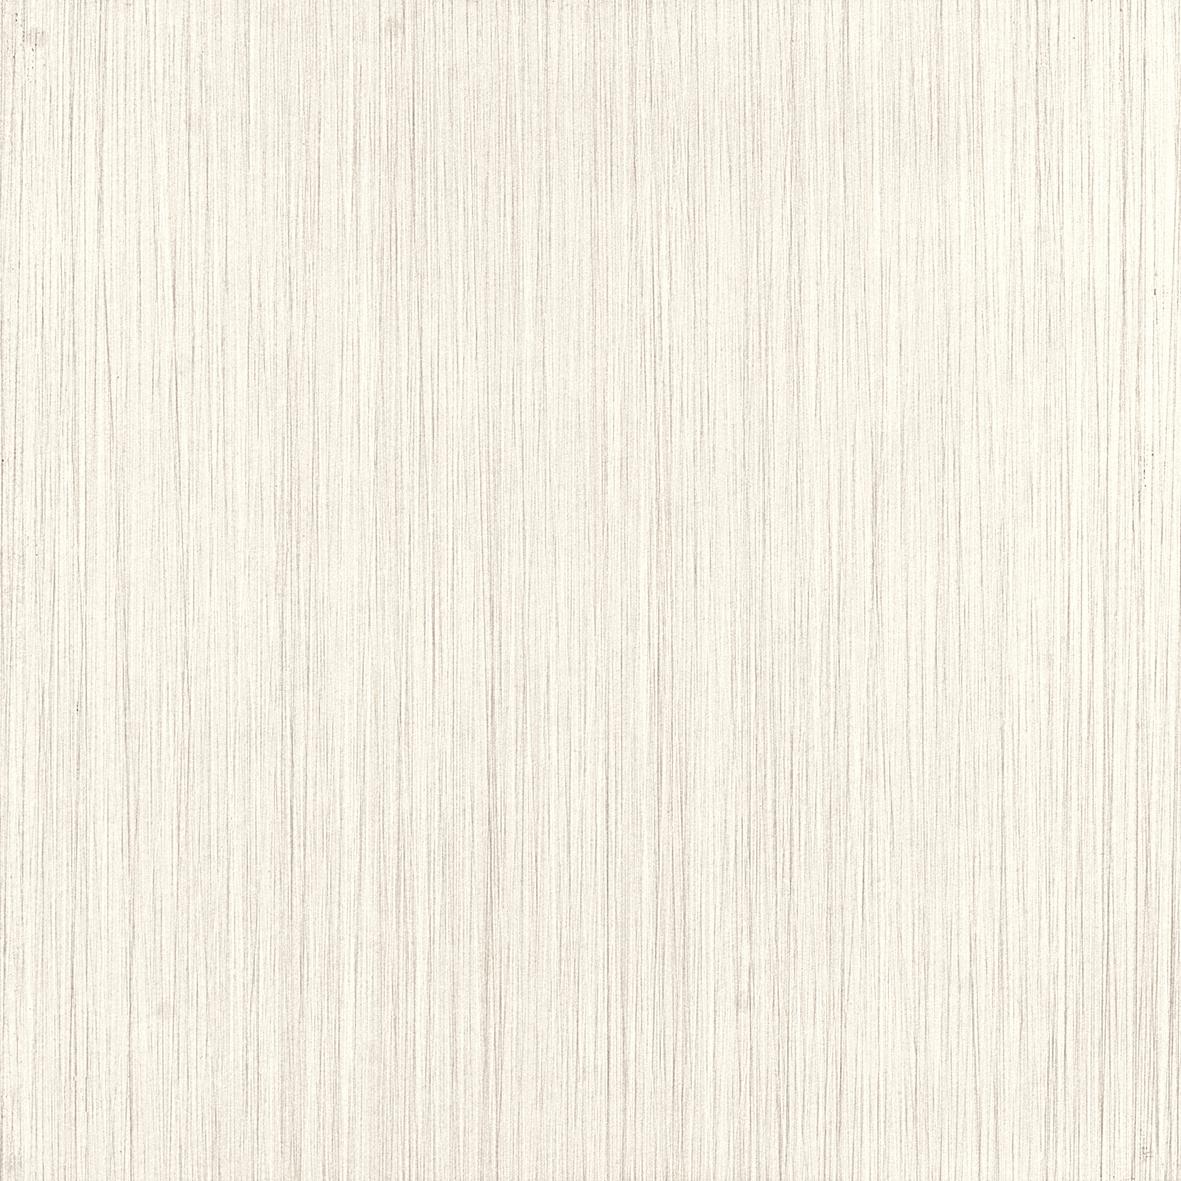 300x600mm Silk White Matt Porcelain Floor And Wall Tile 5108 Tile Factor